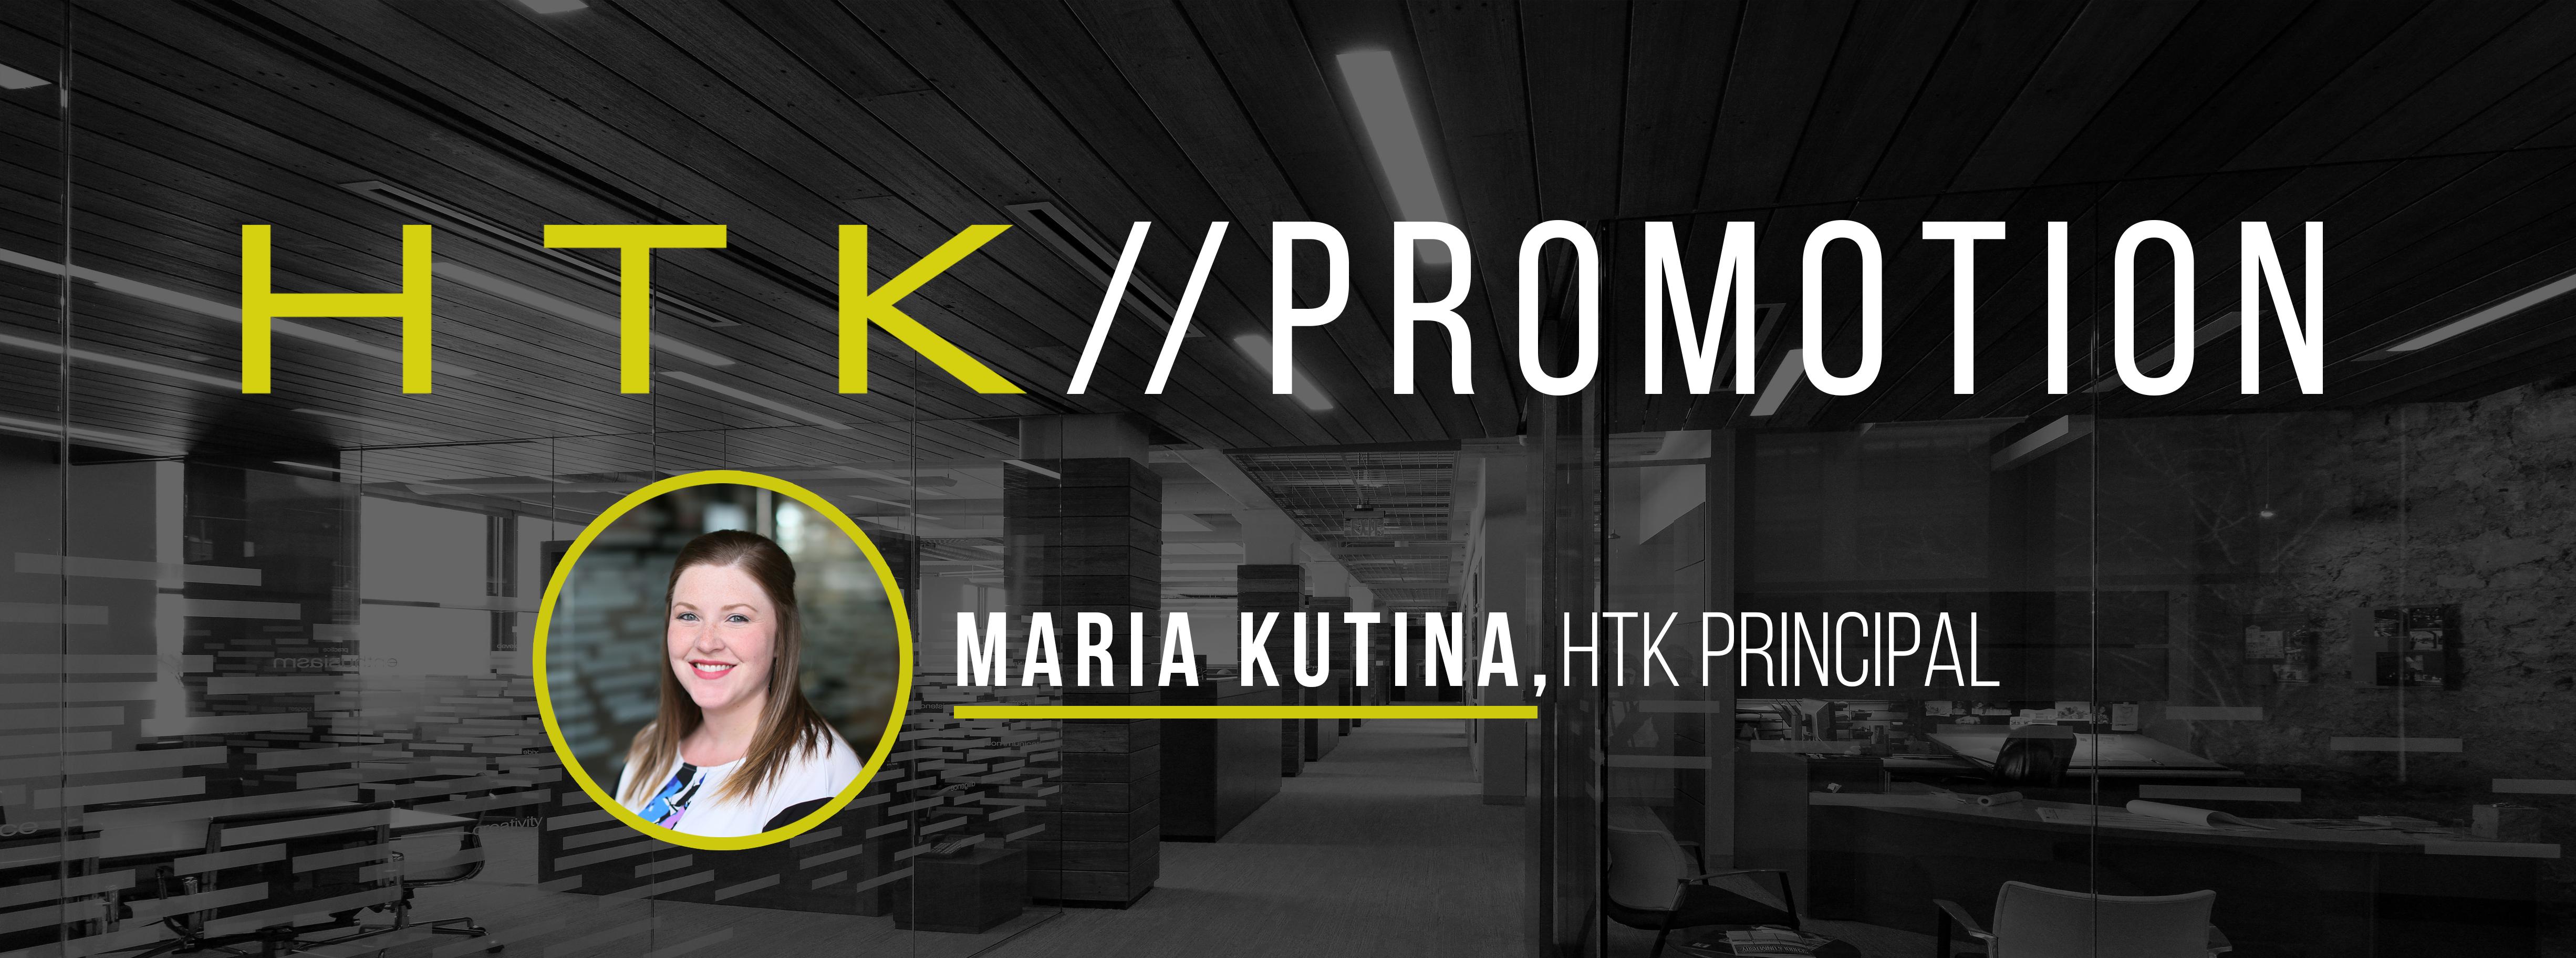 2021 htk Maria promotion blog post option 1